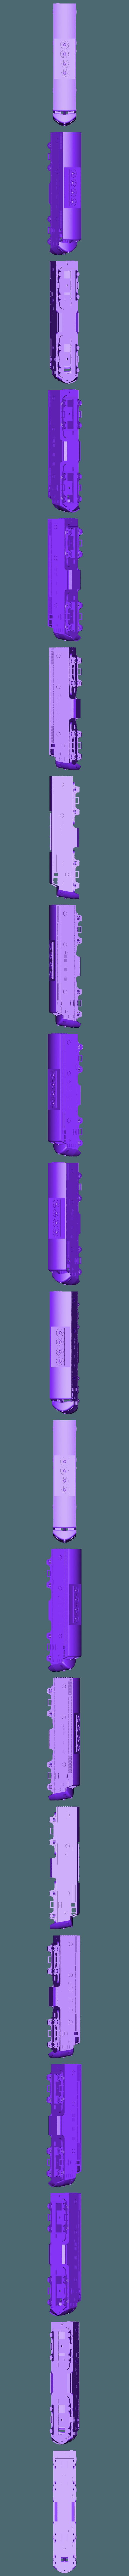 Santa_Fe_-_Super_Cheif.stl Télécharger fichier STL gratuit Santa Fe - Super Chief - F-series, Un train miniature à l'échelle 1:87 • Objet pour impression 3D, nenchev